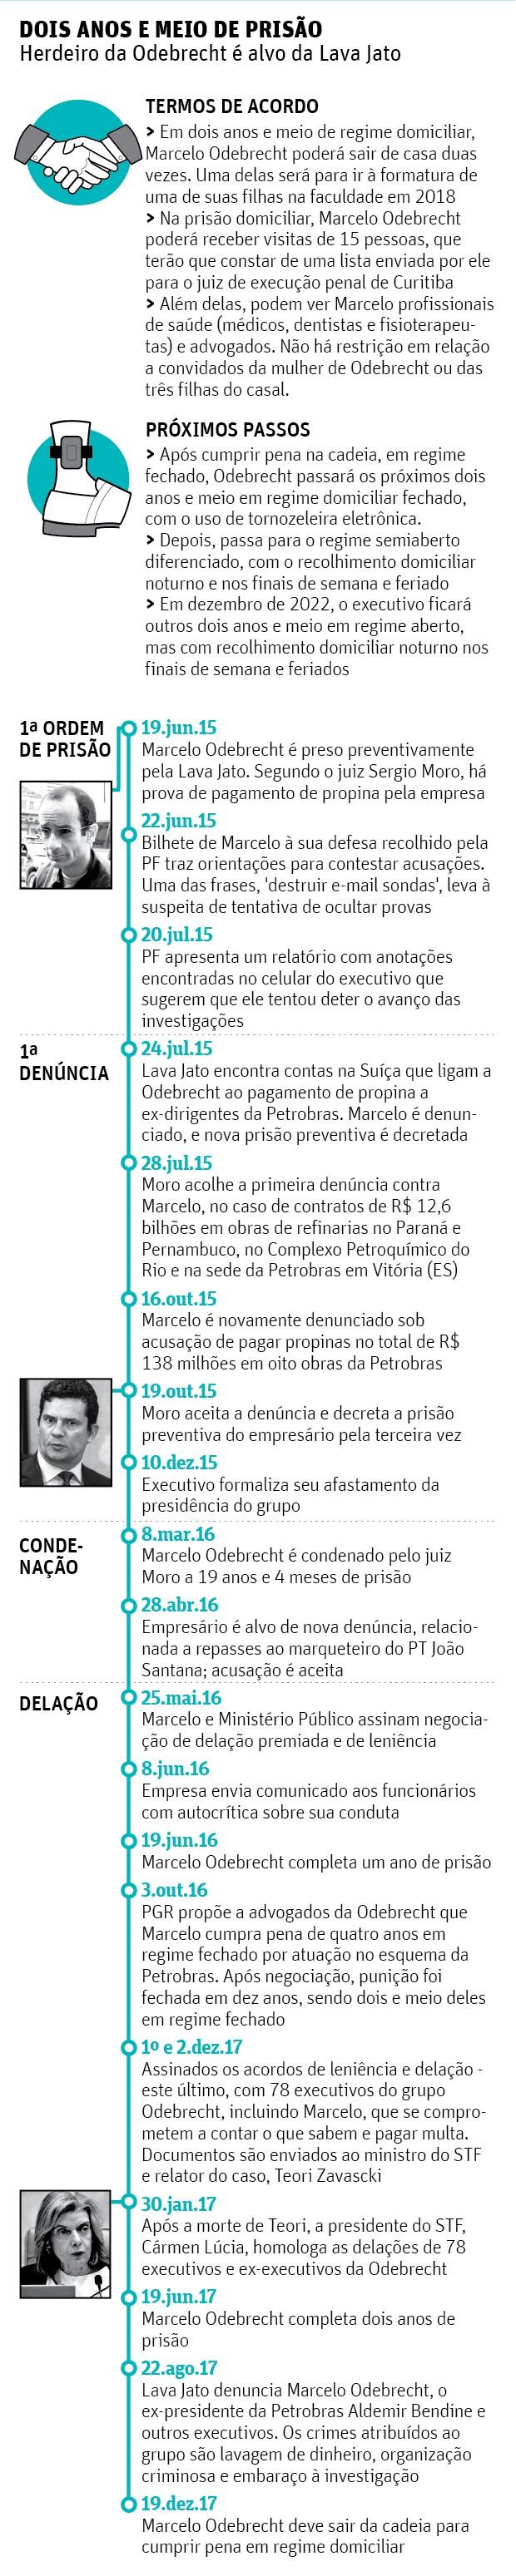 Calendario 2020 Feriados Lisboa Mejores Y Más Novedosos Marcelo Odebrecht Deixa A Pris£o E Chega A Sp Para Regime